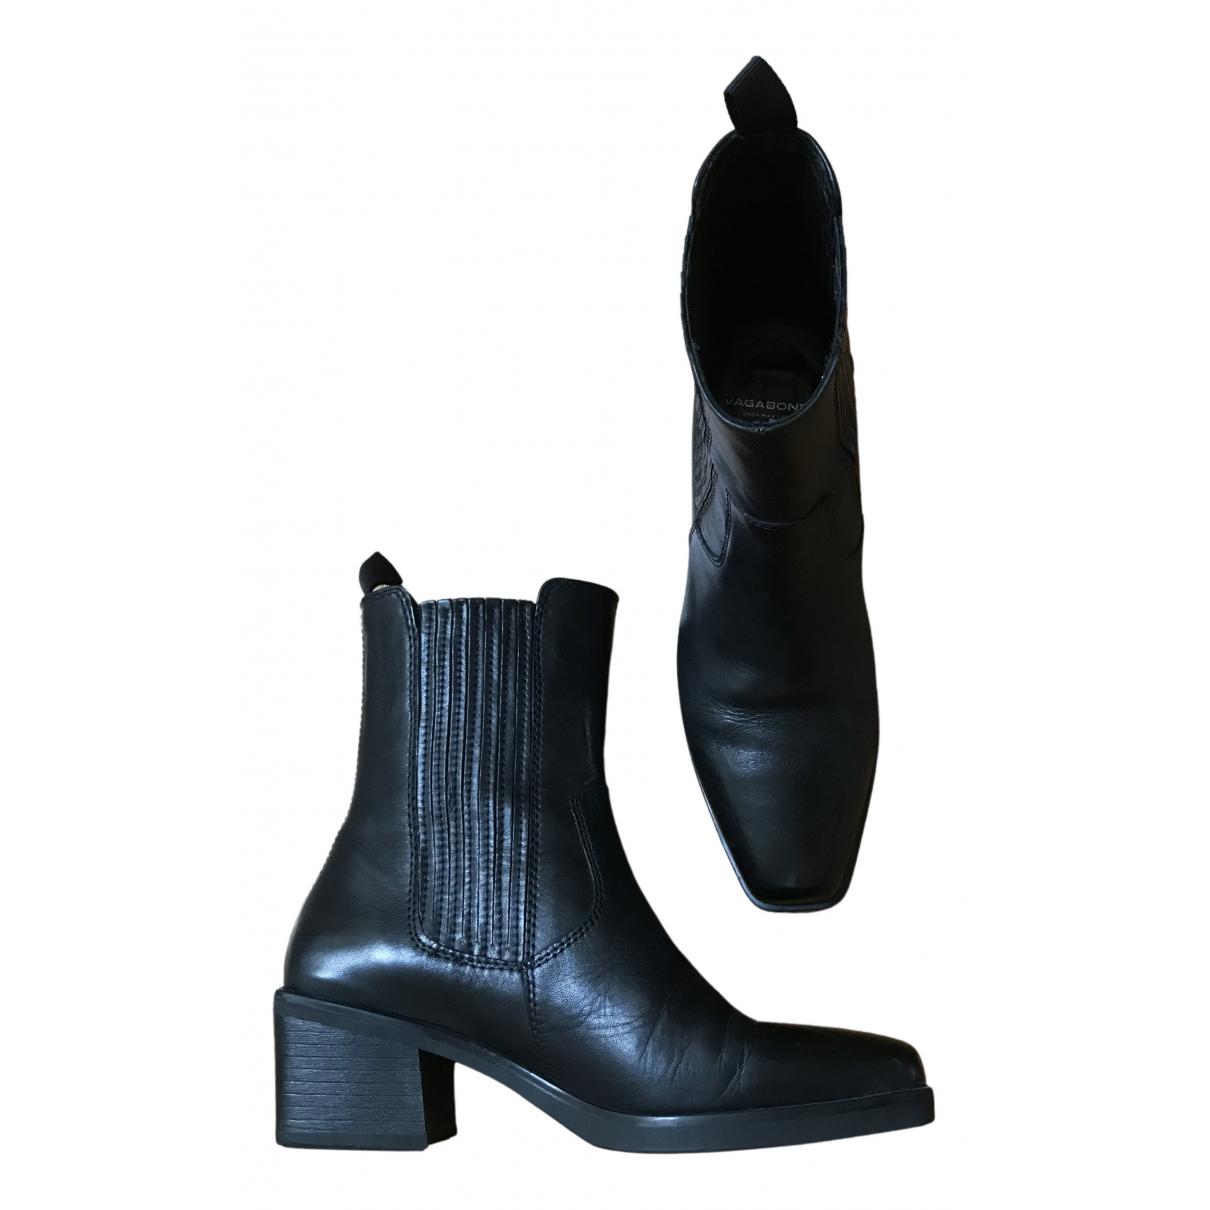 Vagabond \N Stiefeletten in  Schwarz Leder